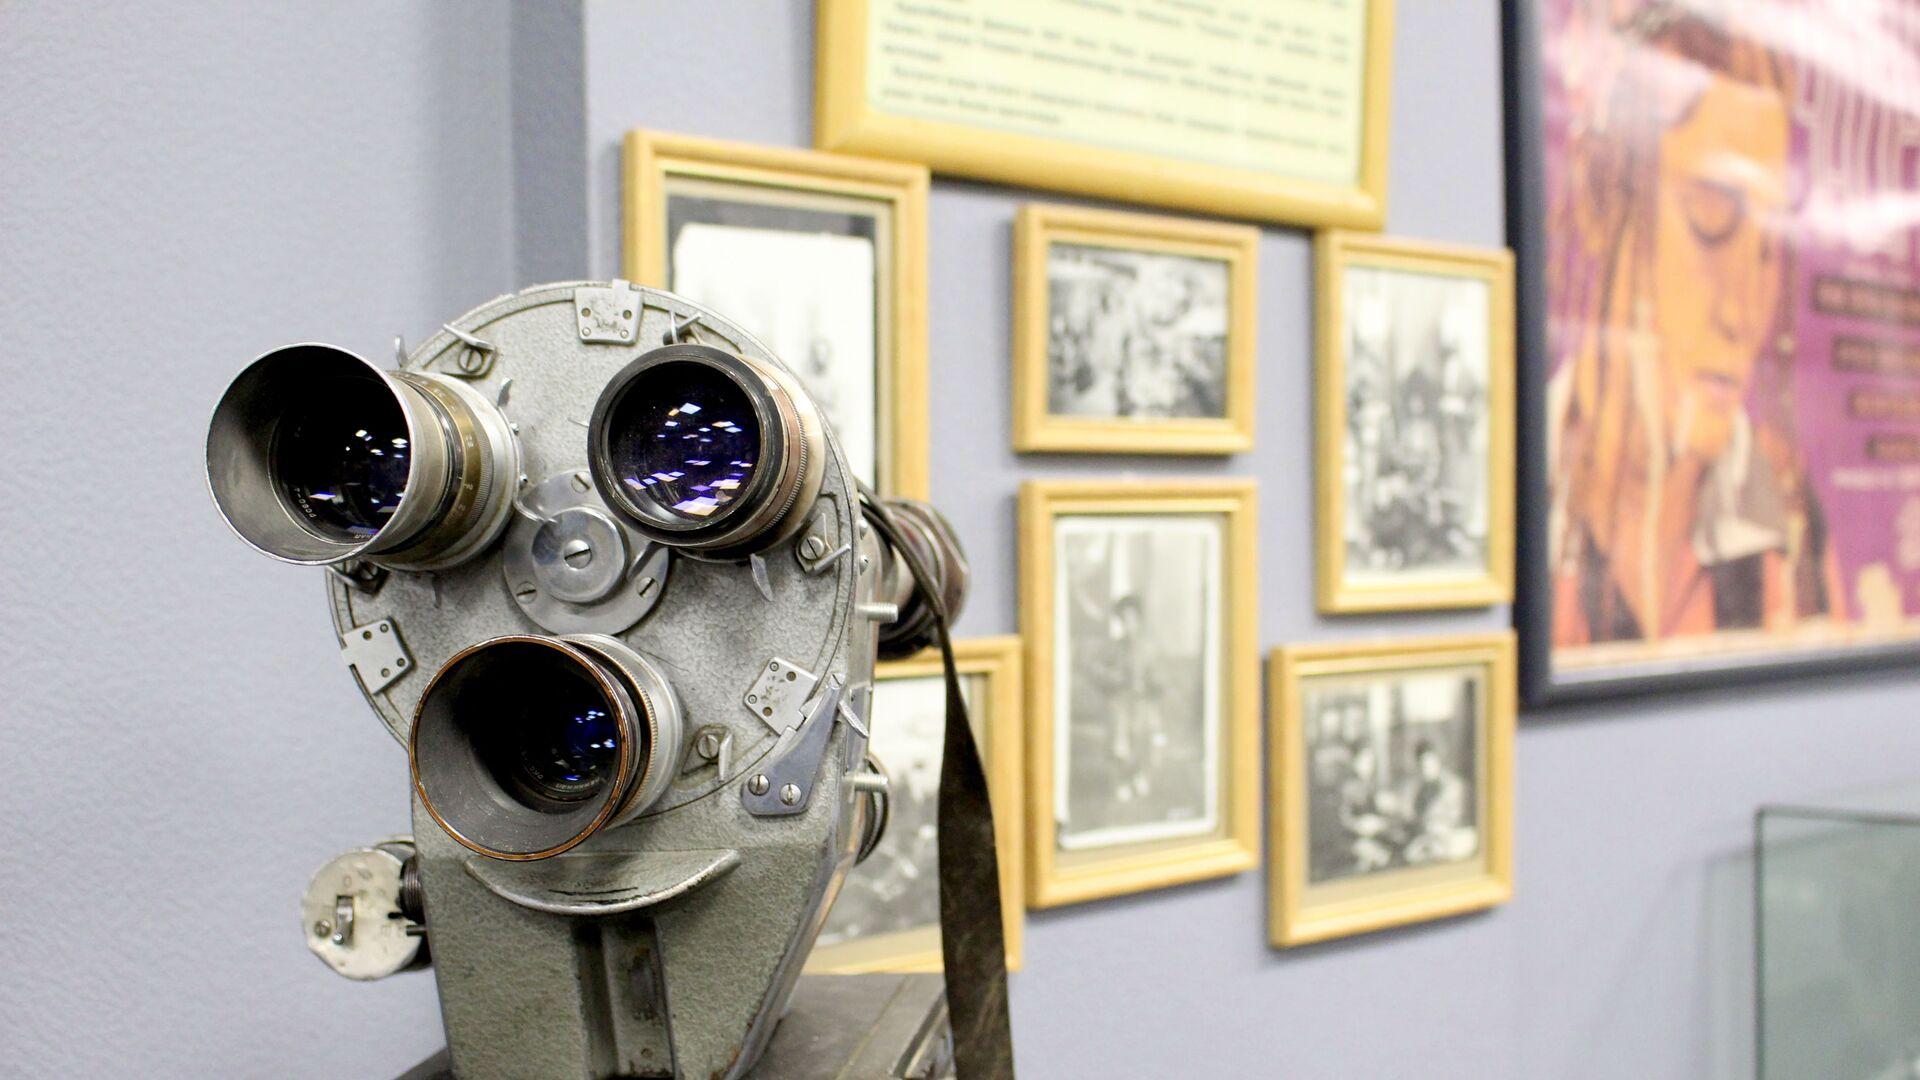 Кинокамера для документальной съемки - Sputnik Узбекистан, 1920, 28.09.2021